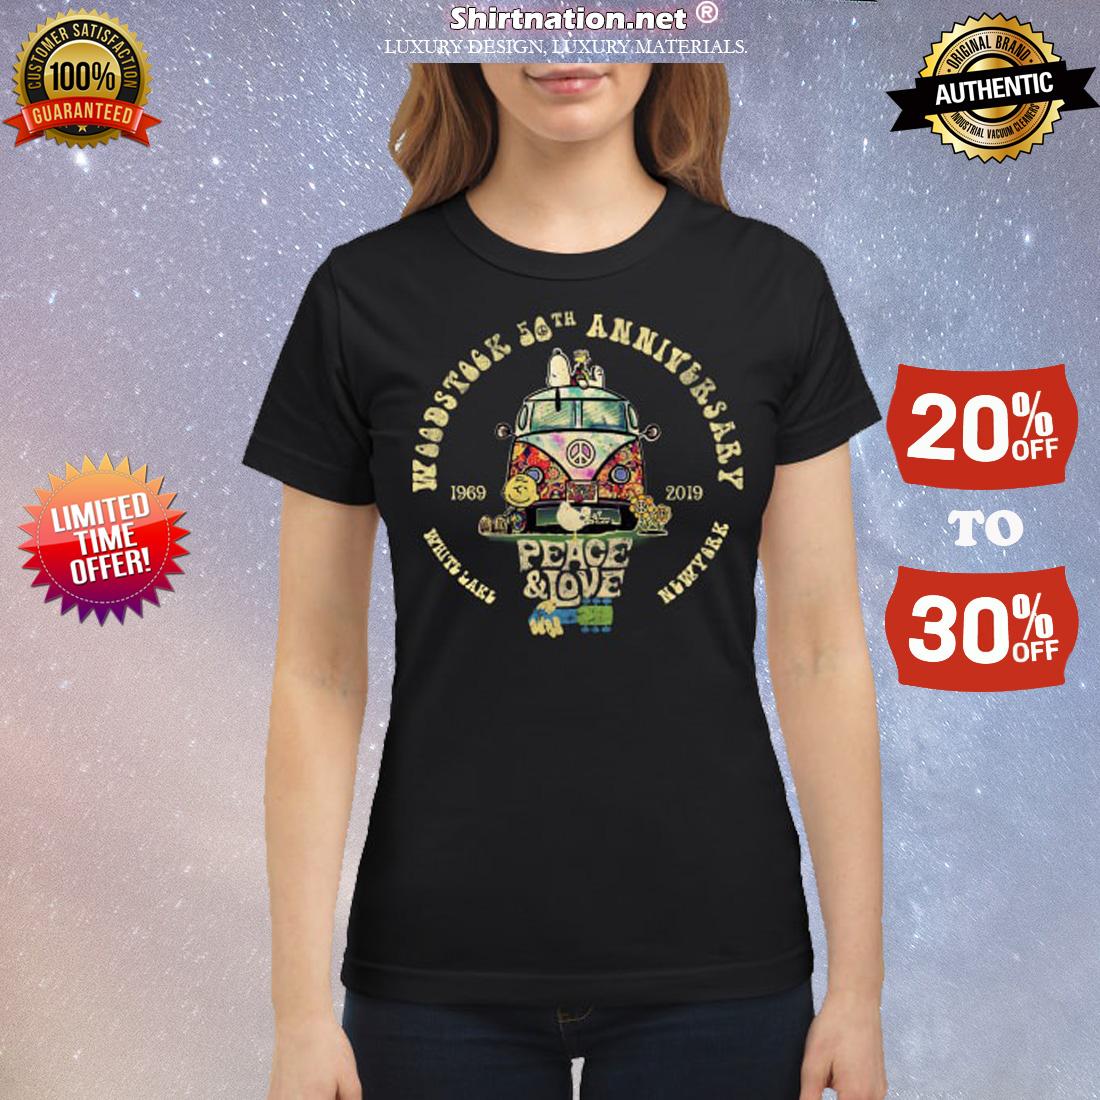 Woodstock 50th anniversary 1969 2019 classic shirt